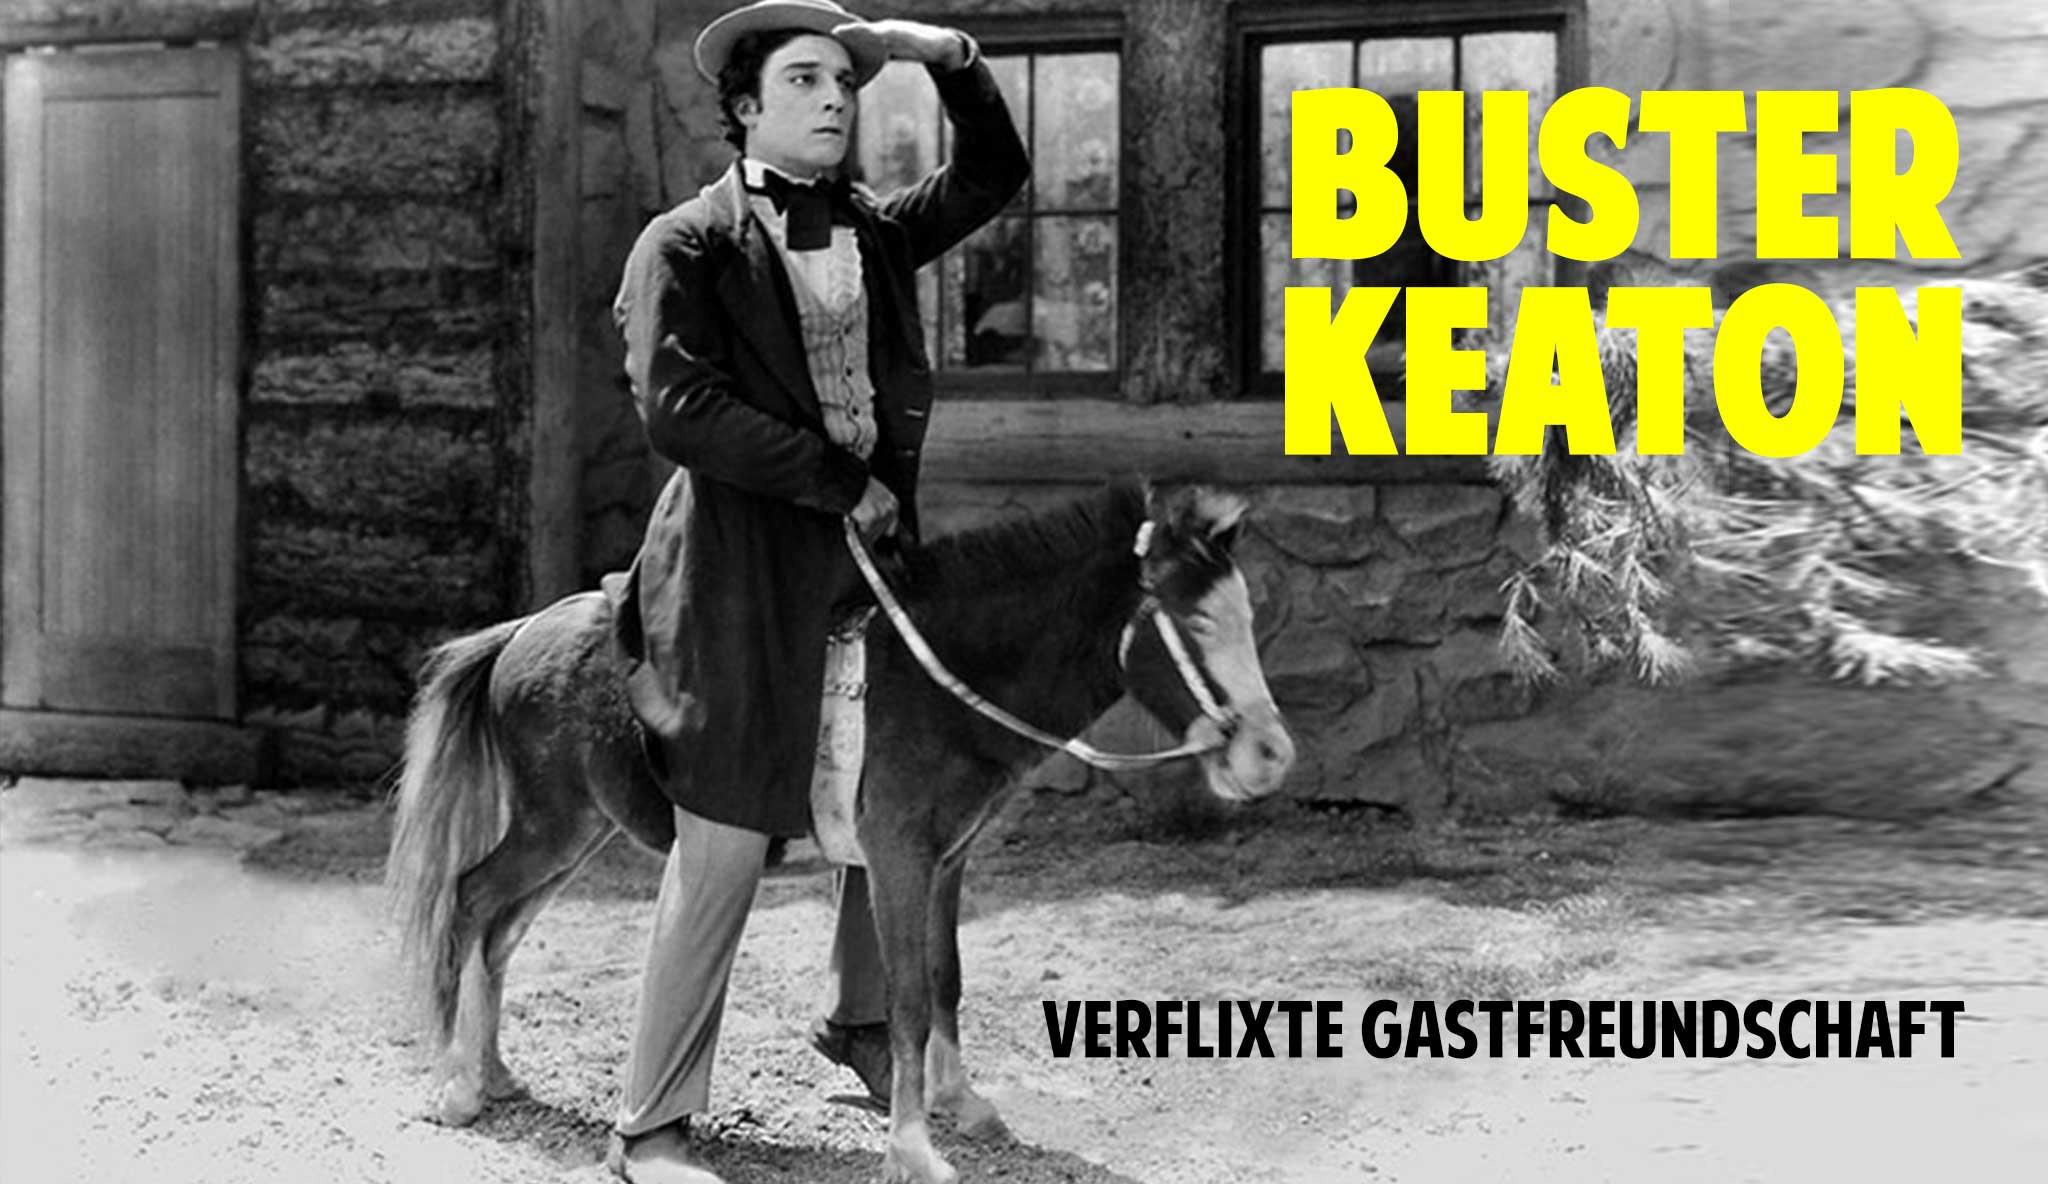 buster-keatons-verflixte-gastfreundschaft\header.jpg